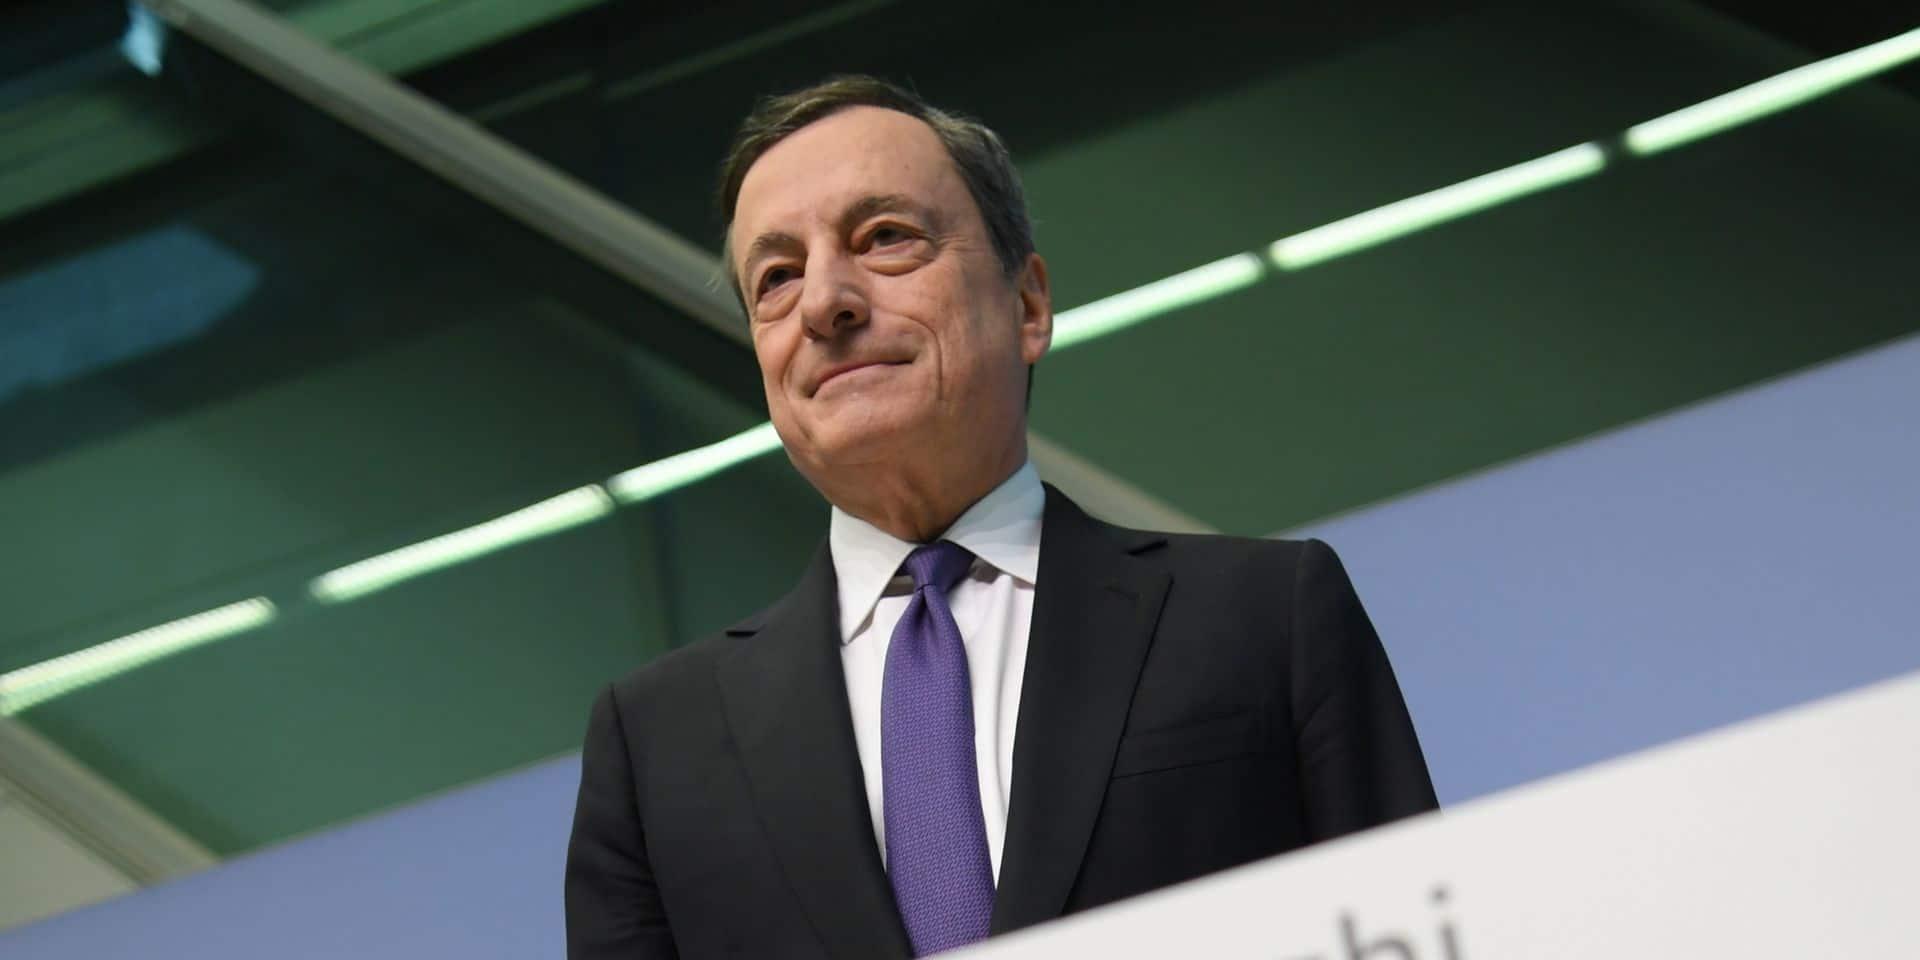 """Mario Draghi aux gouvernements : """"Seule une bonne dette peut sauver l'économie"""""""